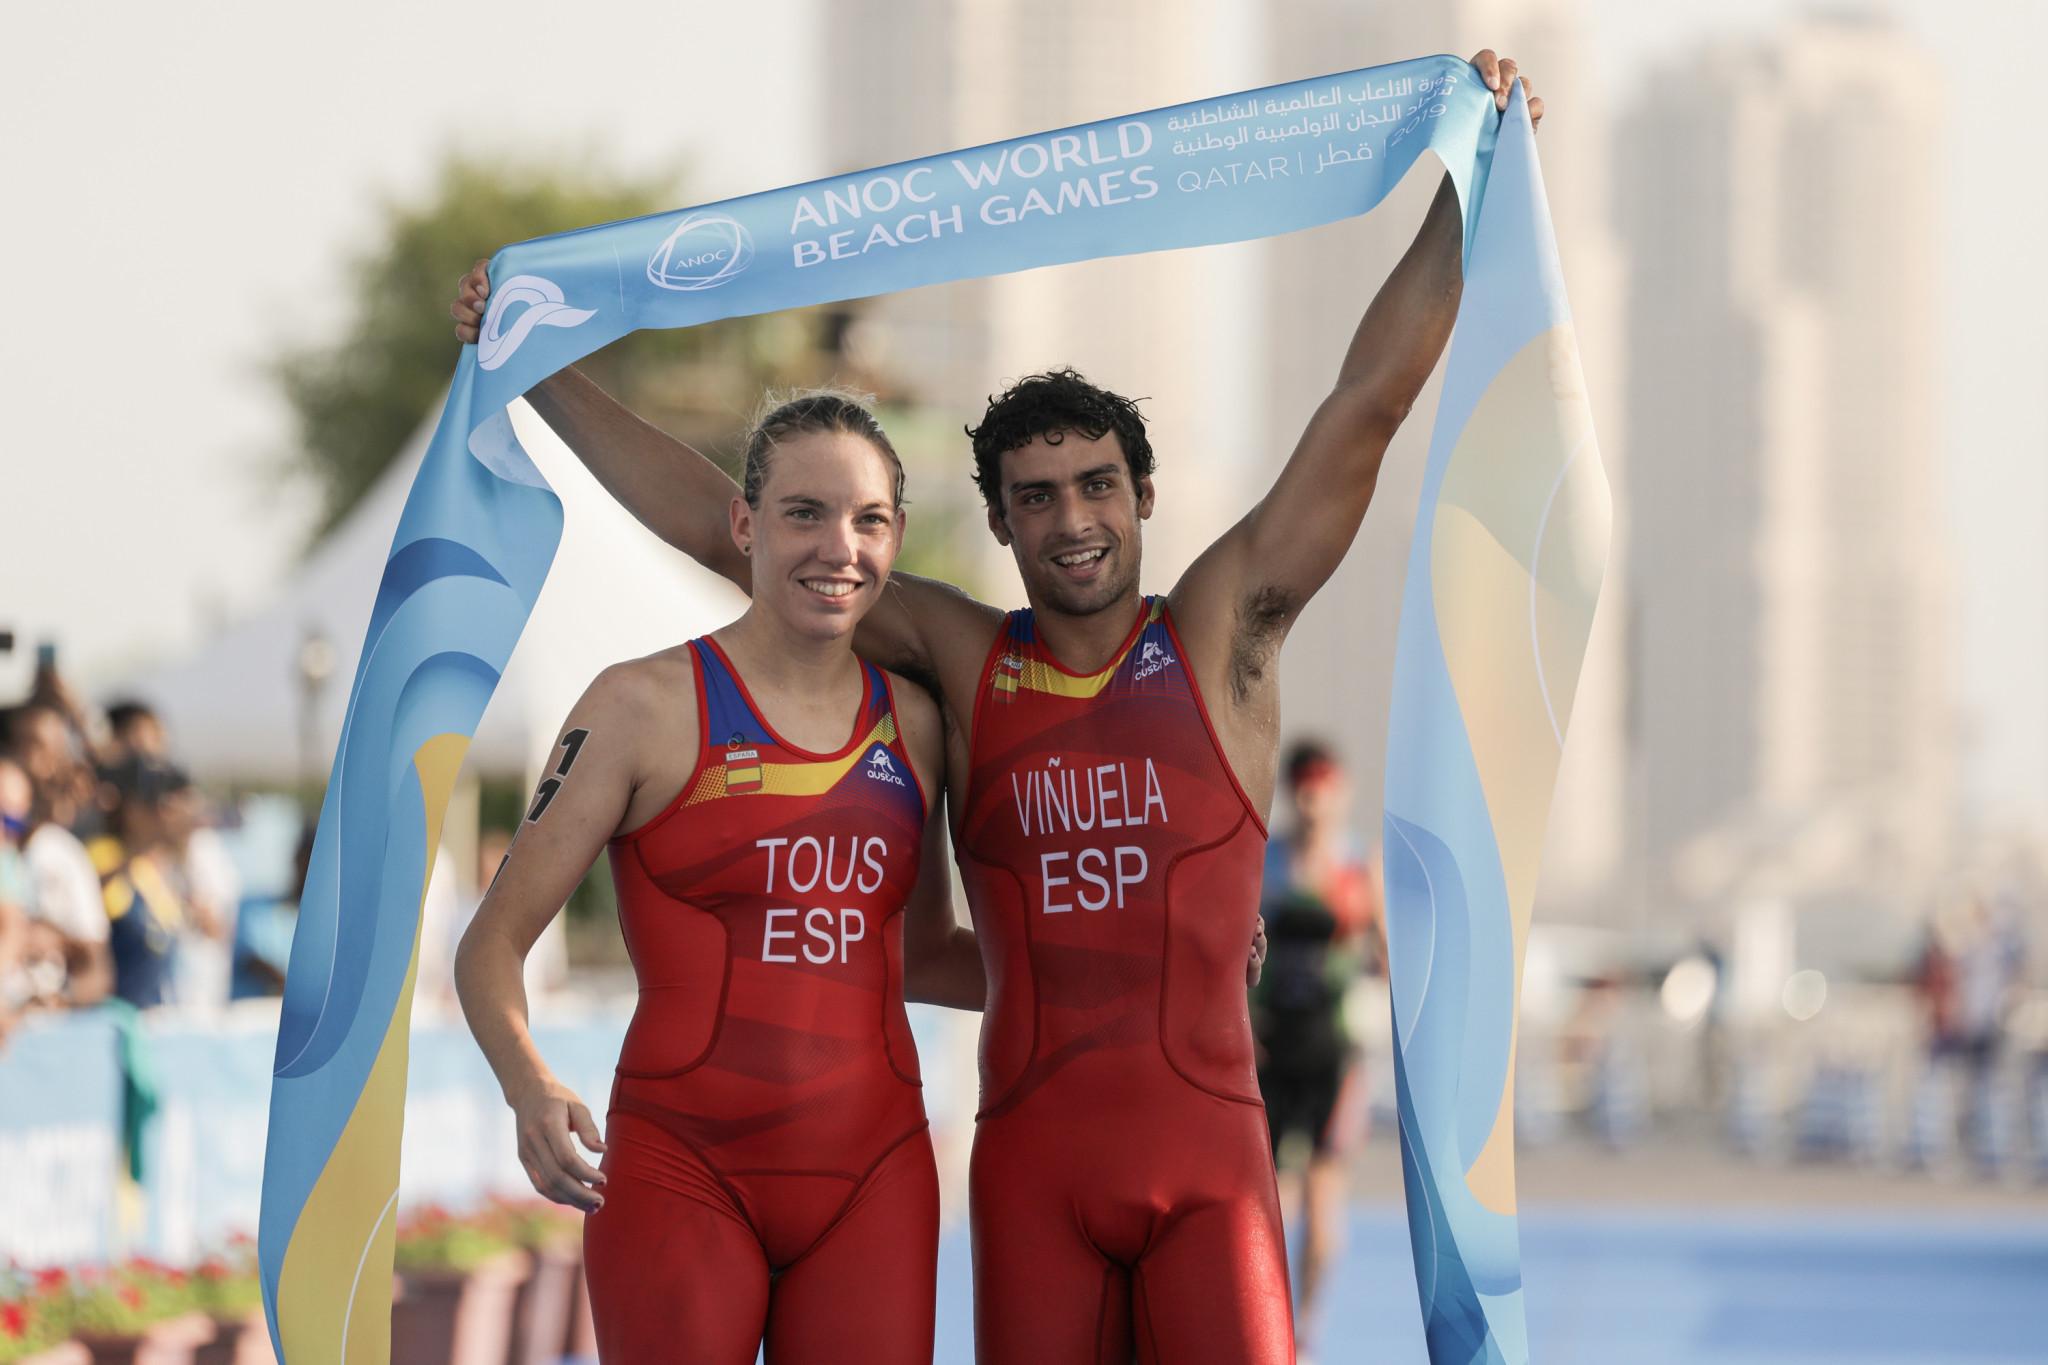 Spain add aquathlon team title to individual glory at ANOC World Beach Games